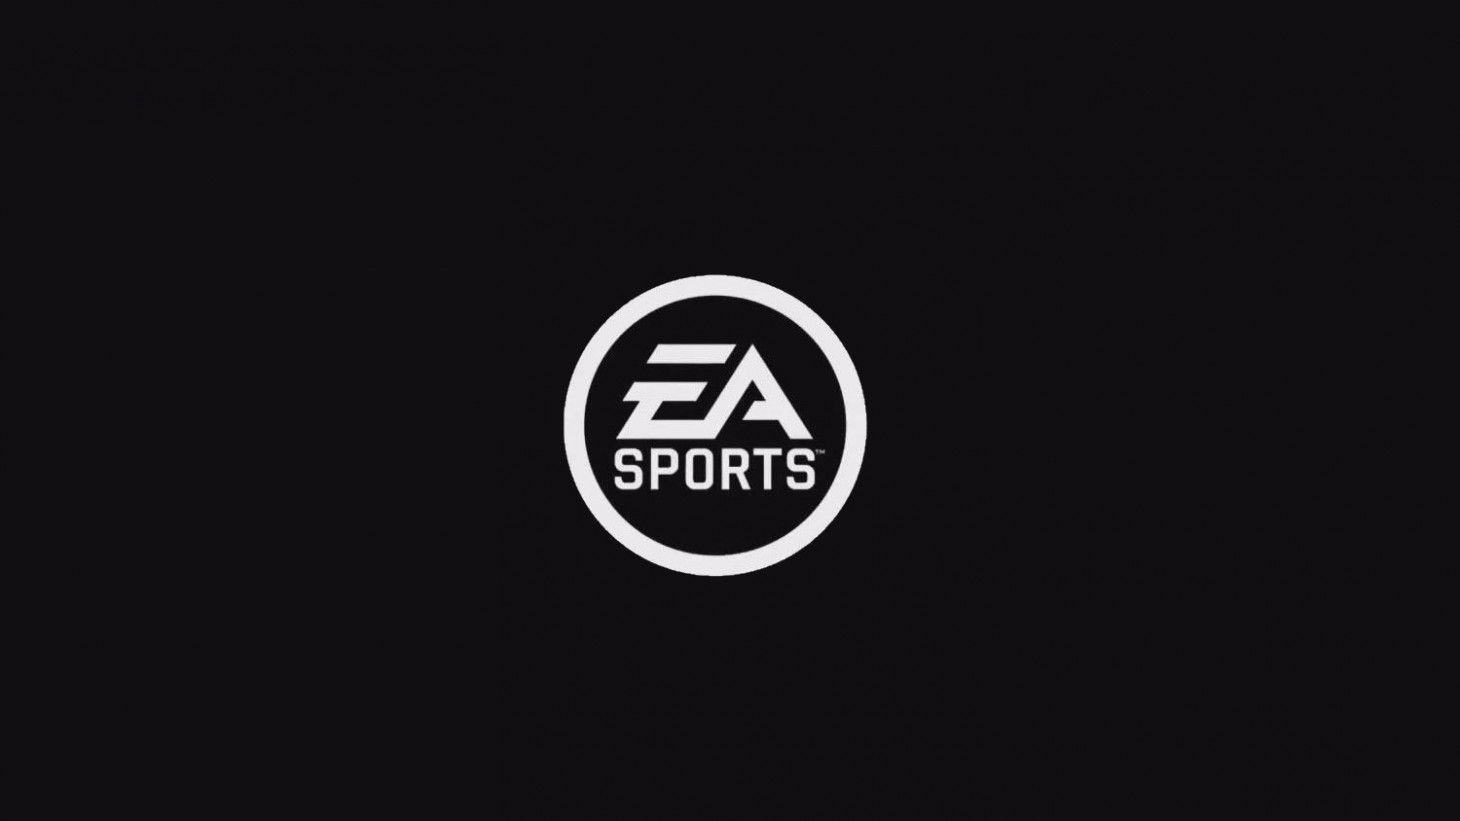 EA verliert die Lizenzen von der Premiere League und der Bundesliga!!?